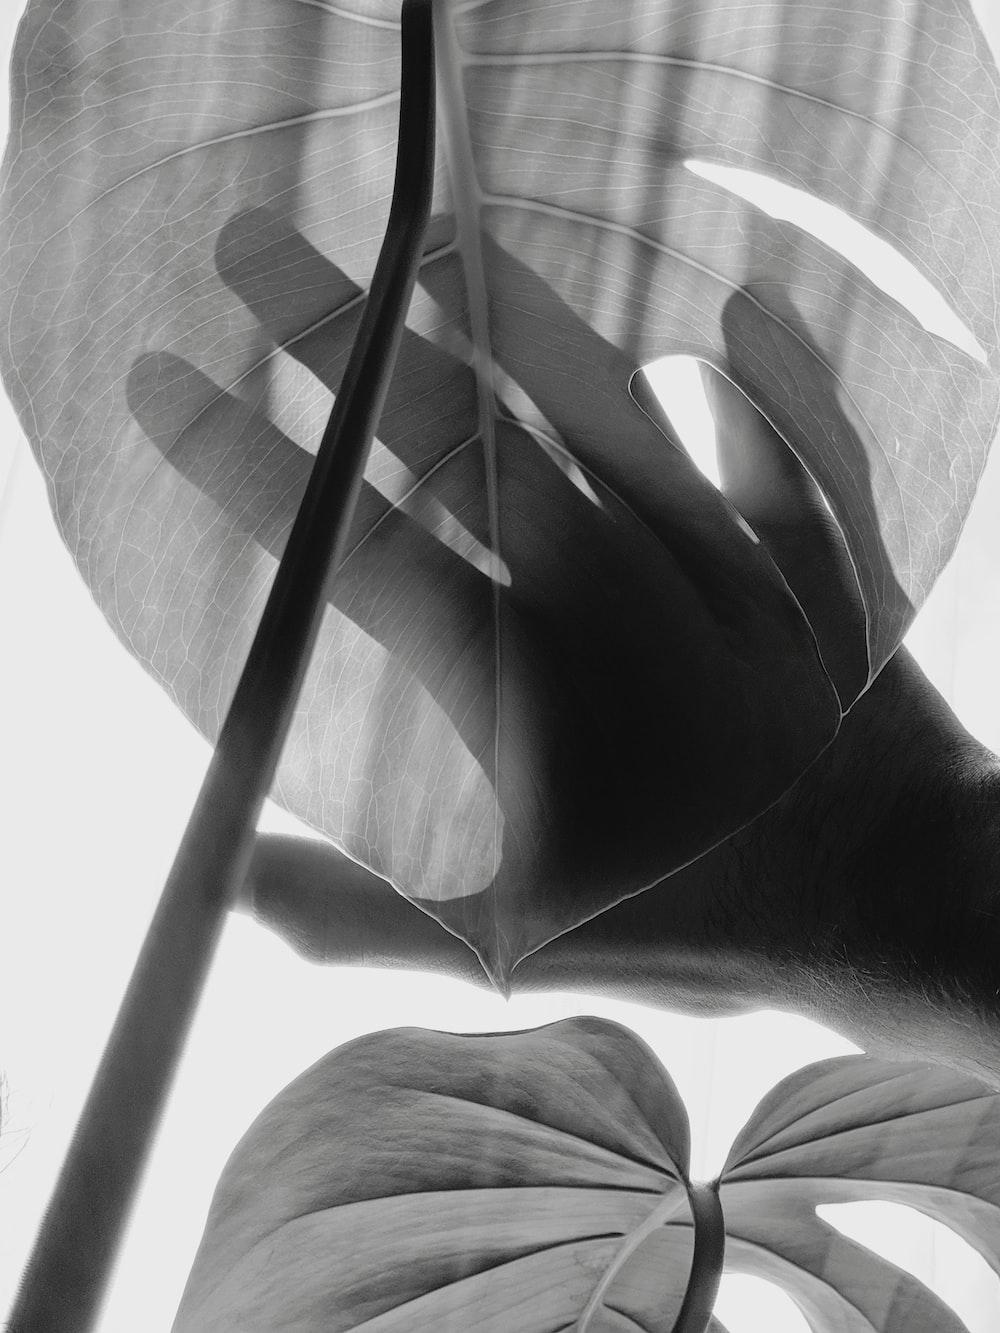 grayscale photo of elephant ear leaf